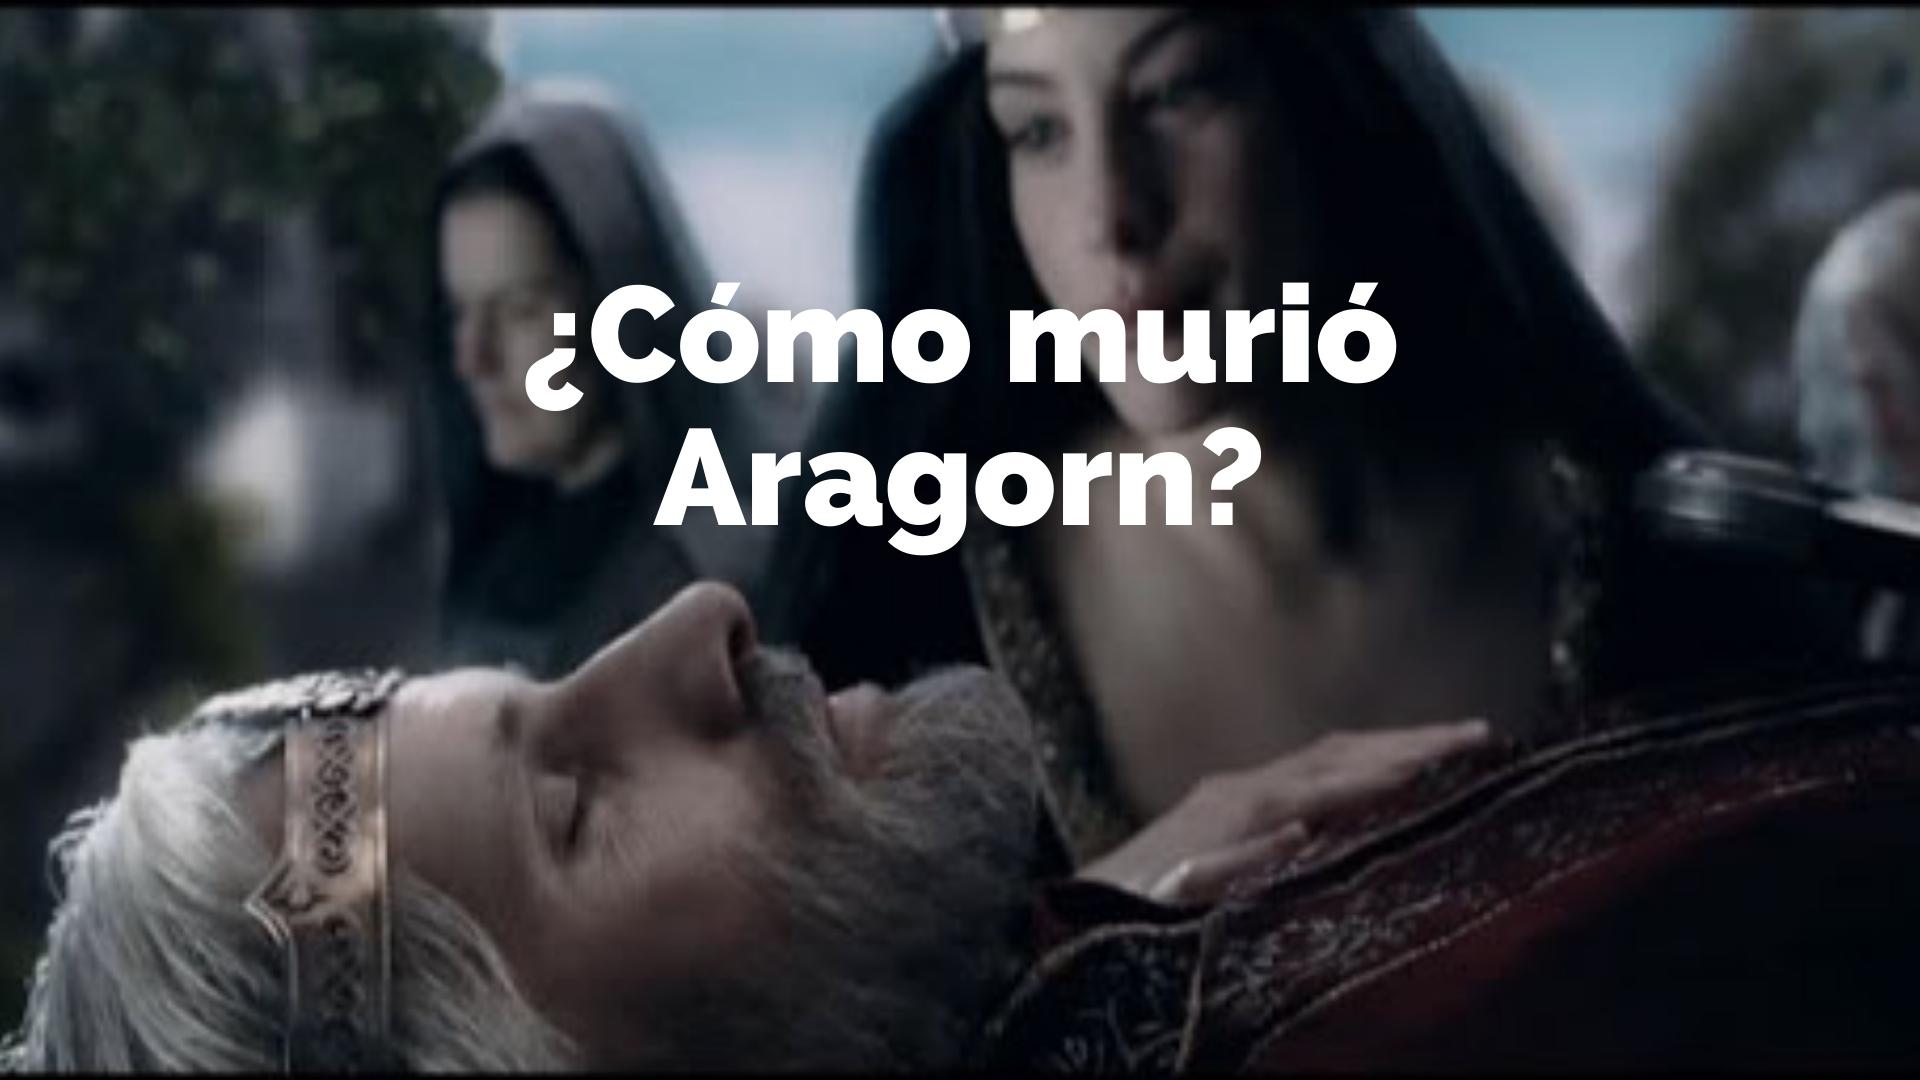 cómo murió aragorn